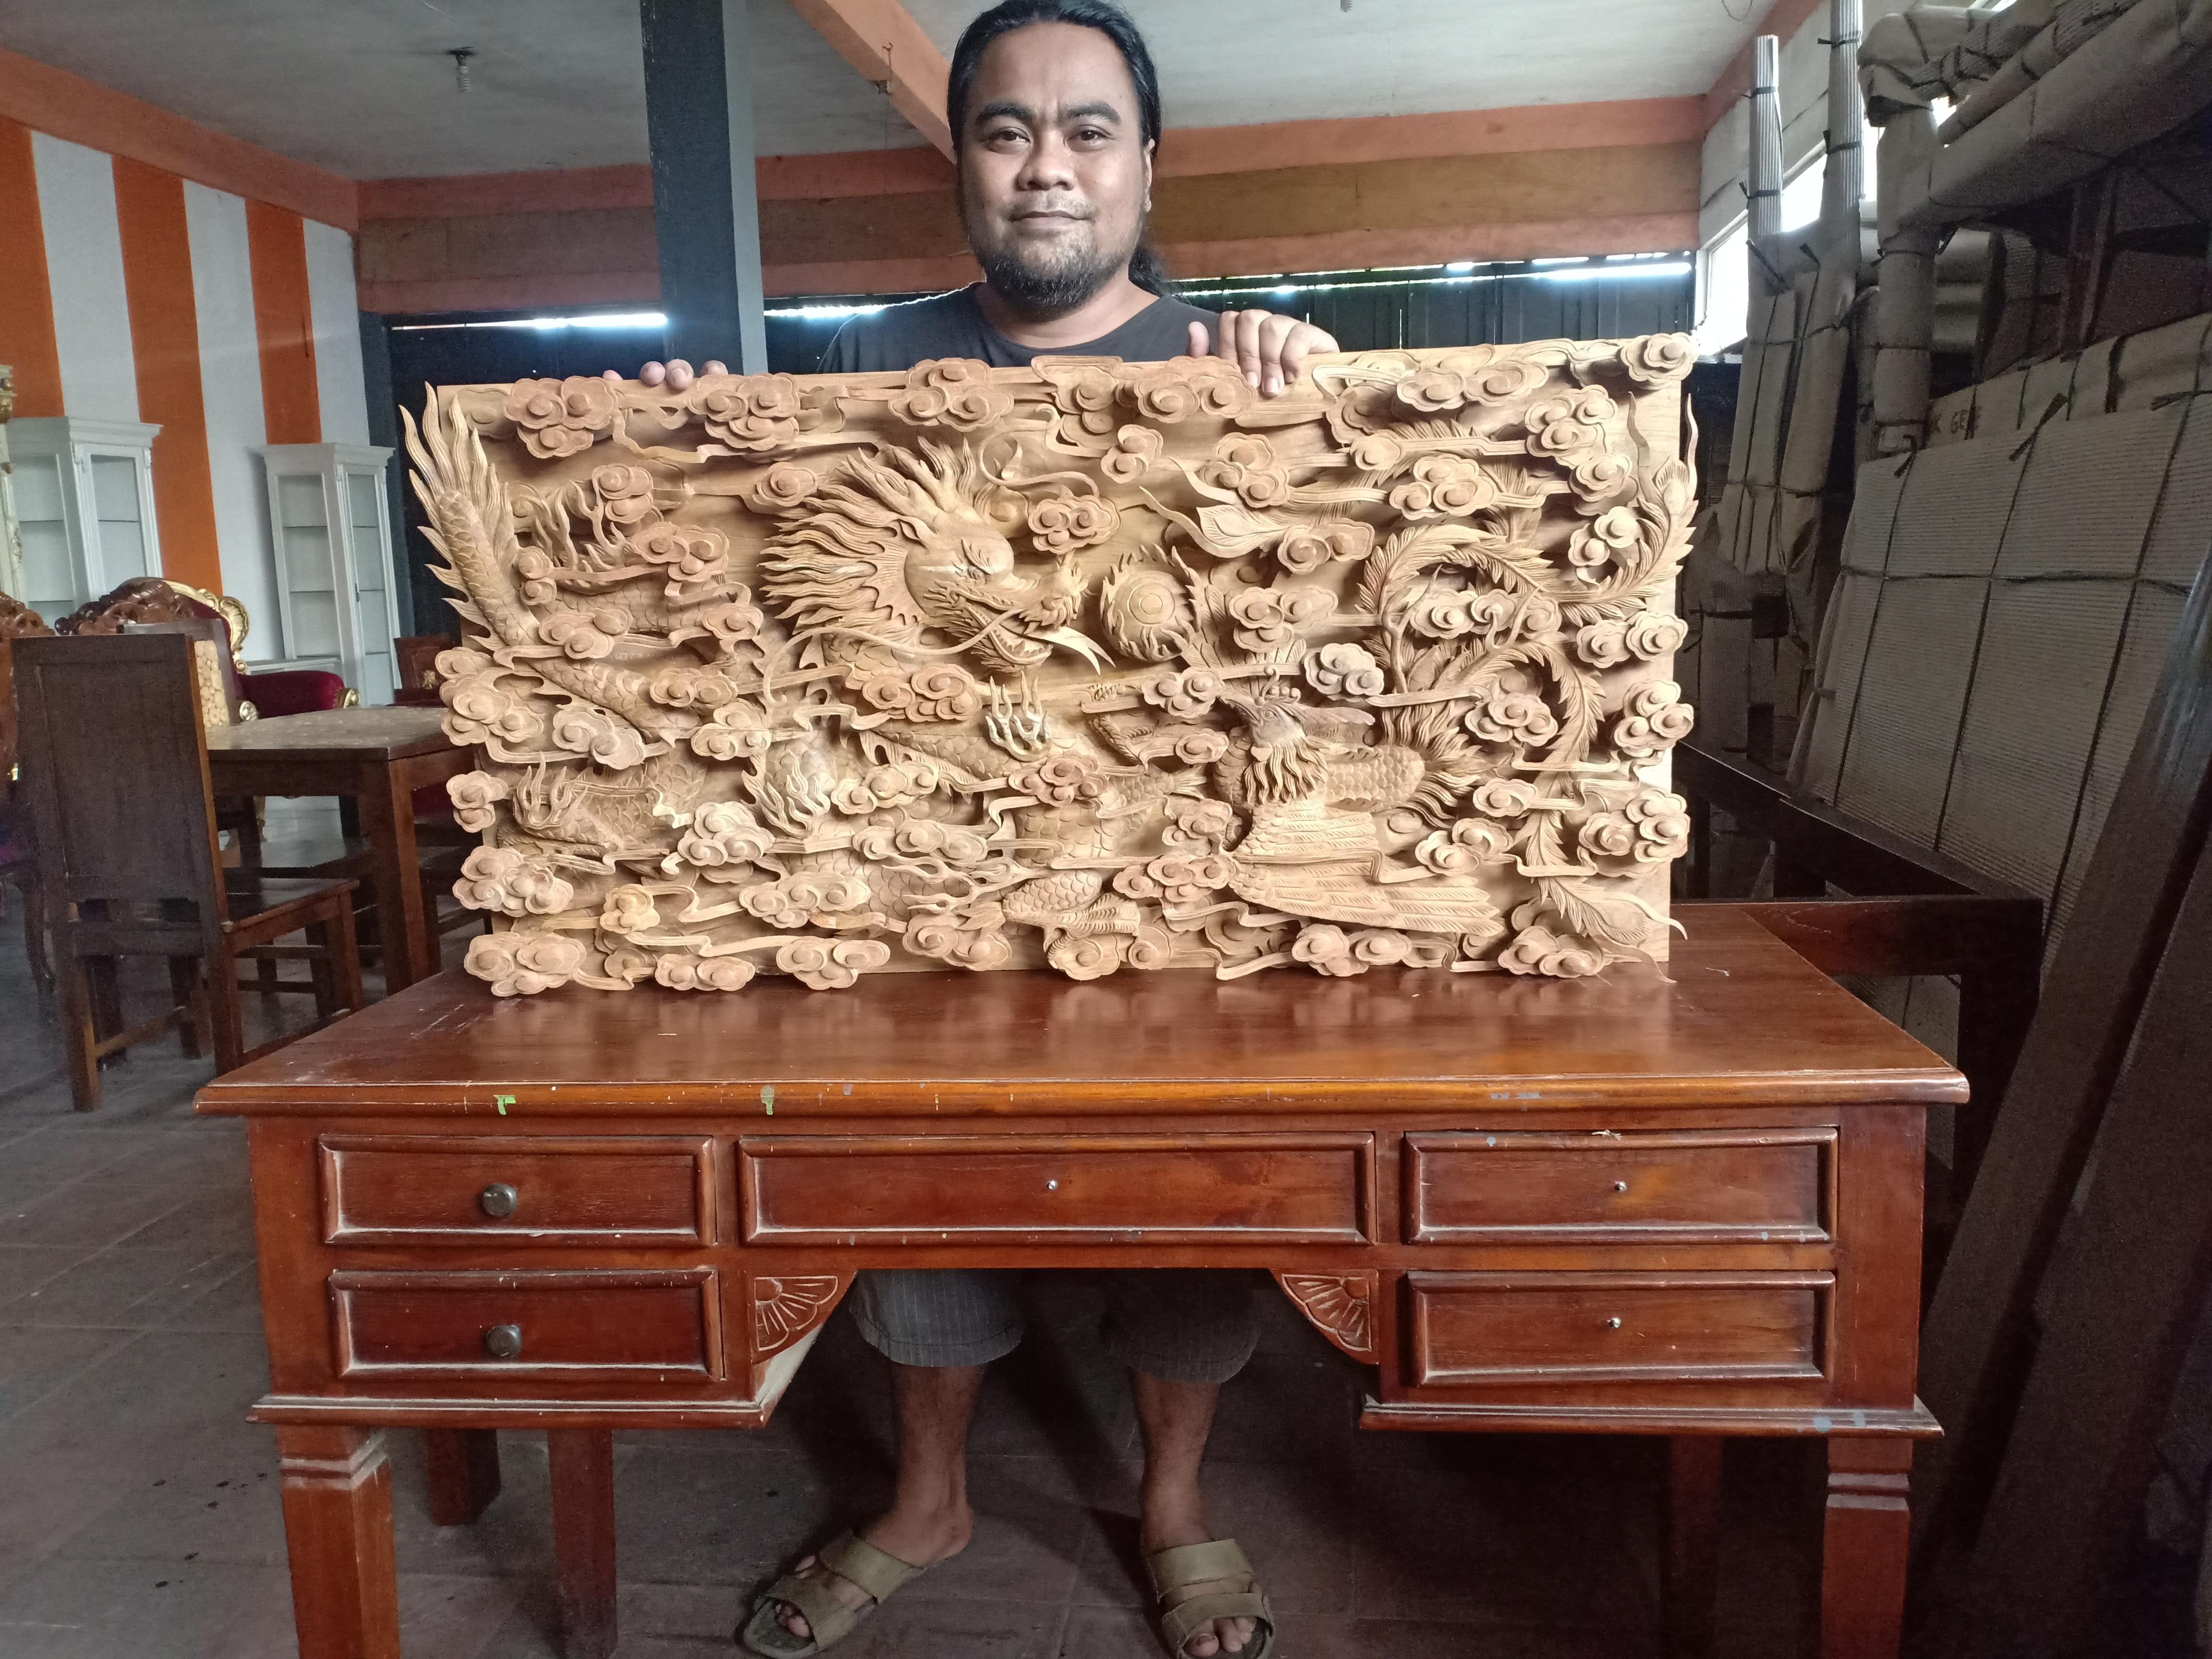 Hiasan dinding relief naga